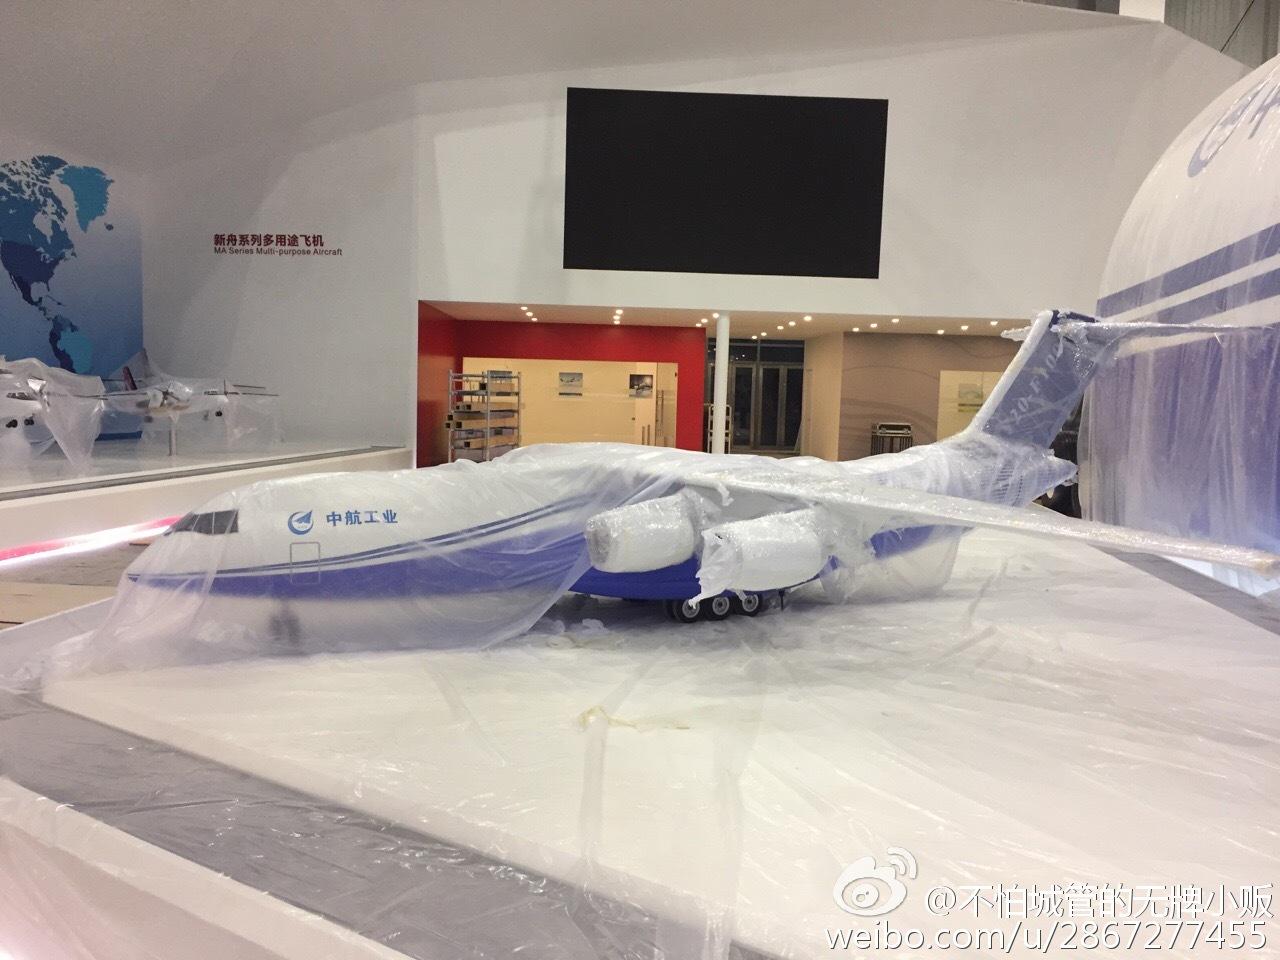 Y-20 F100, version rallongée et équipée de moteurs WS-20